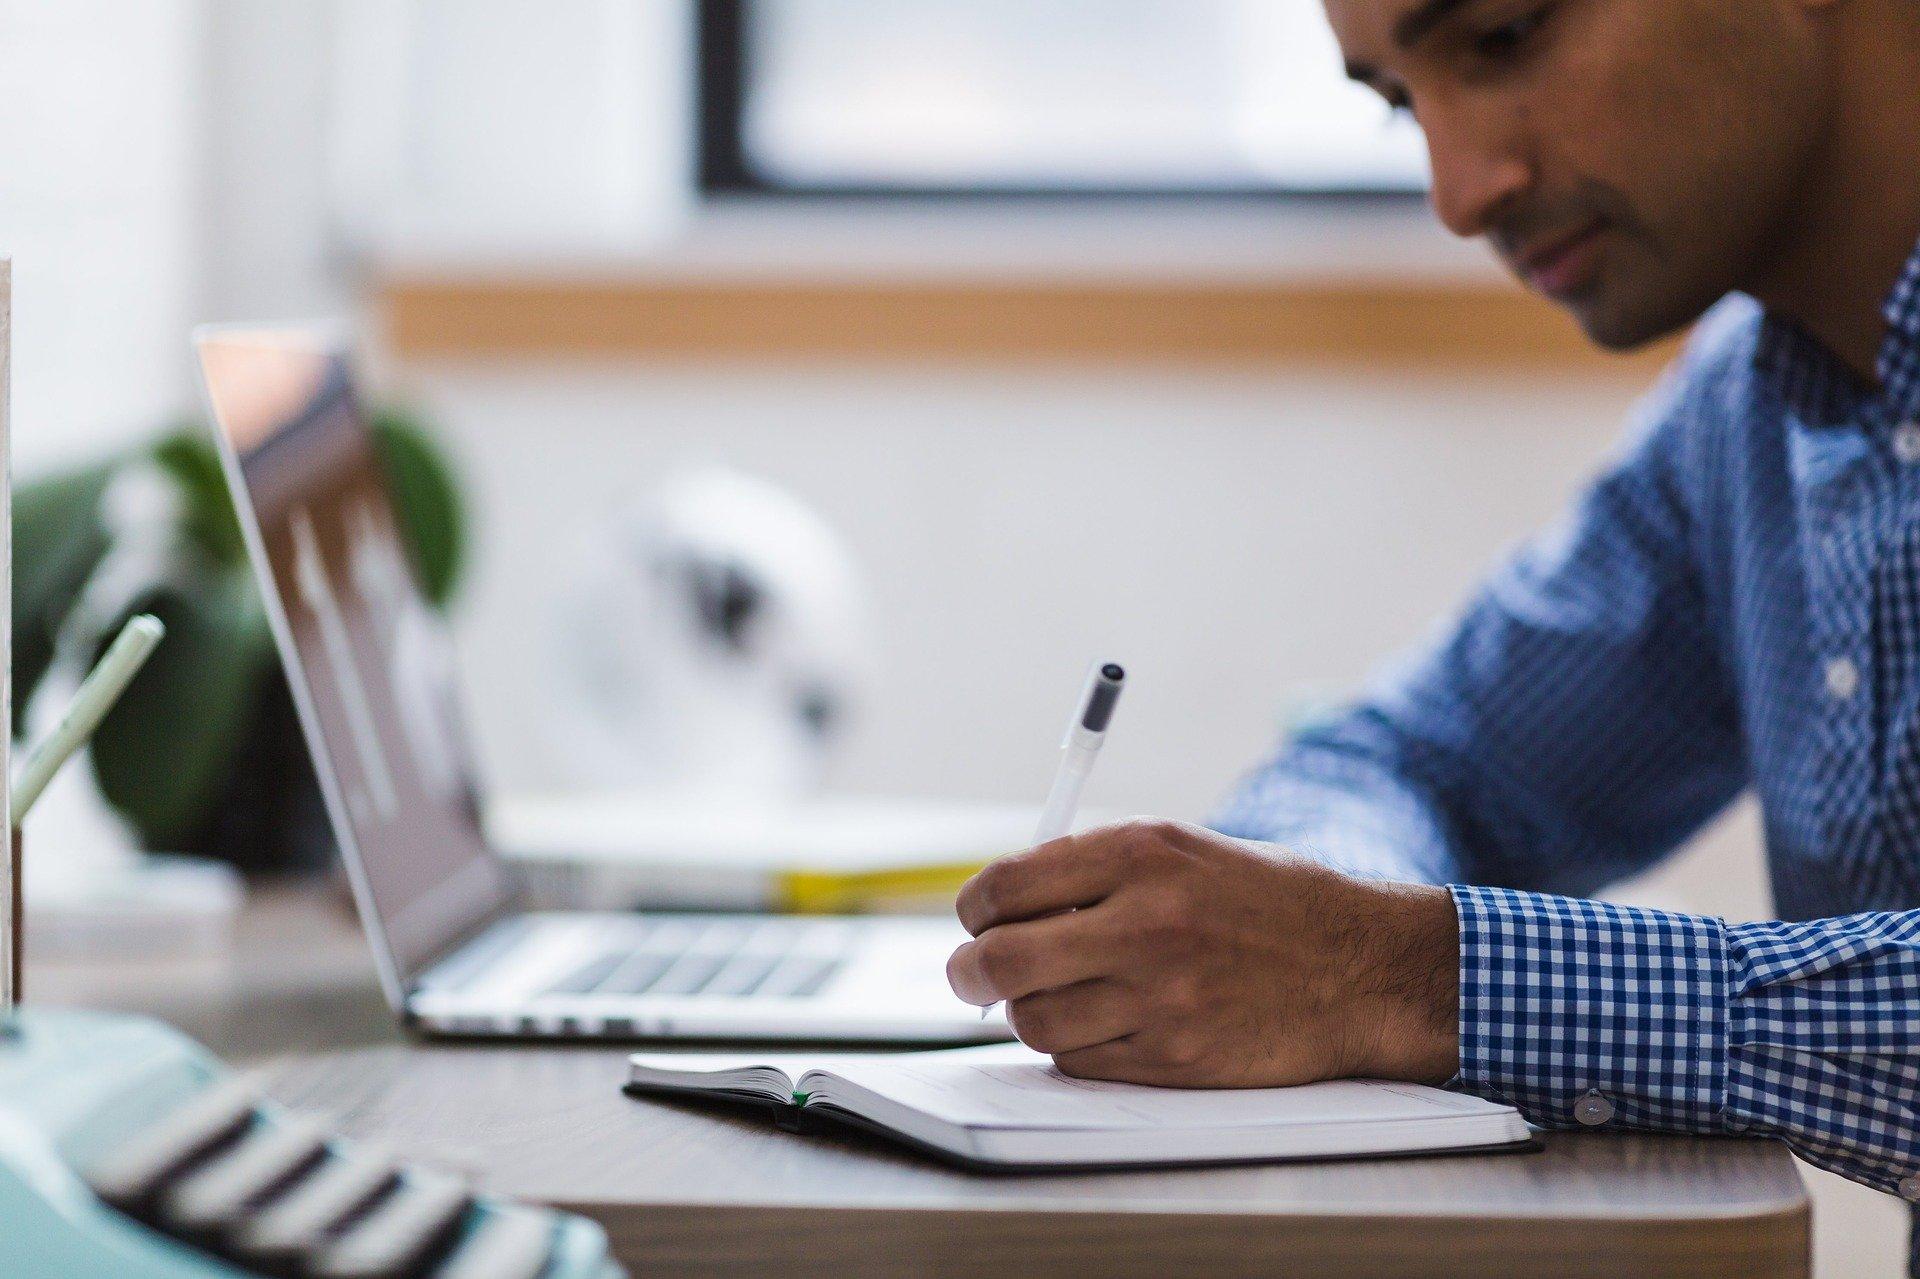 Planejamento é fundamental para quem deseja abrir e manter pequeno negócio - Crédito: Pixabay